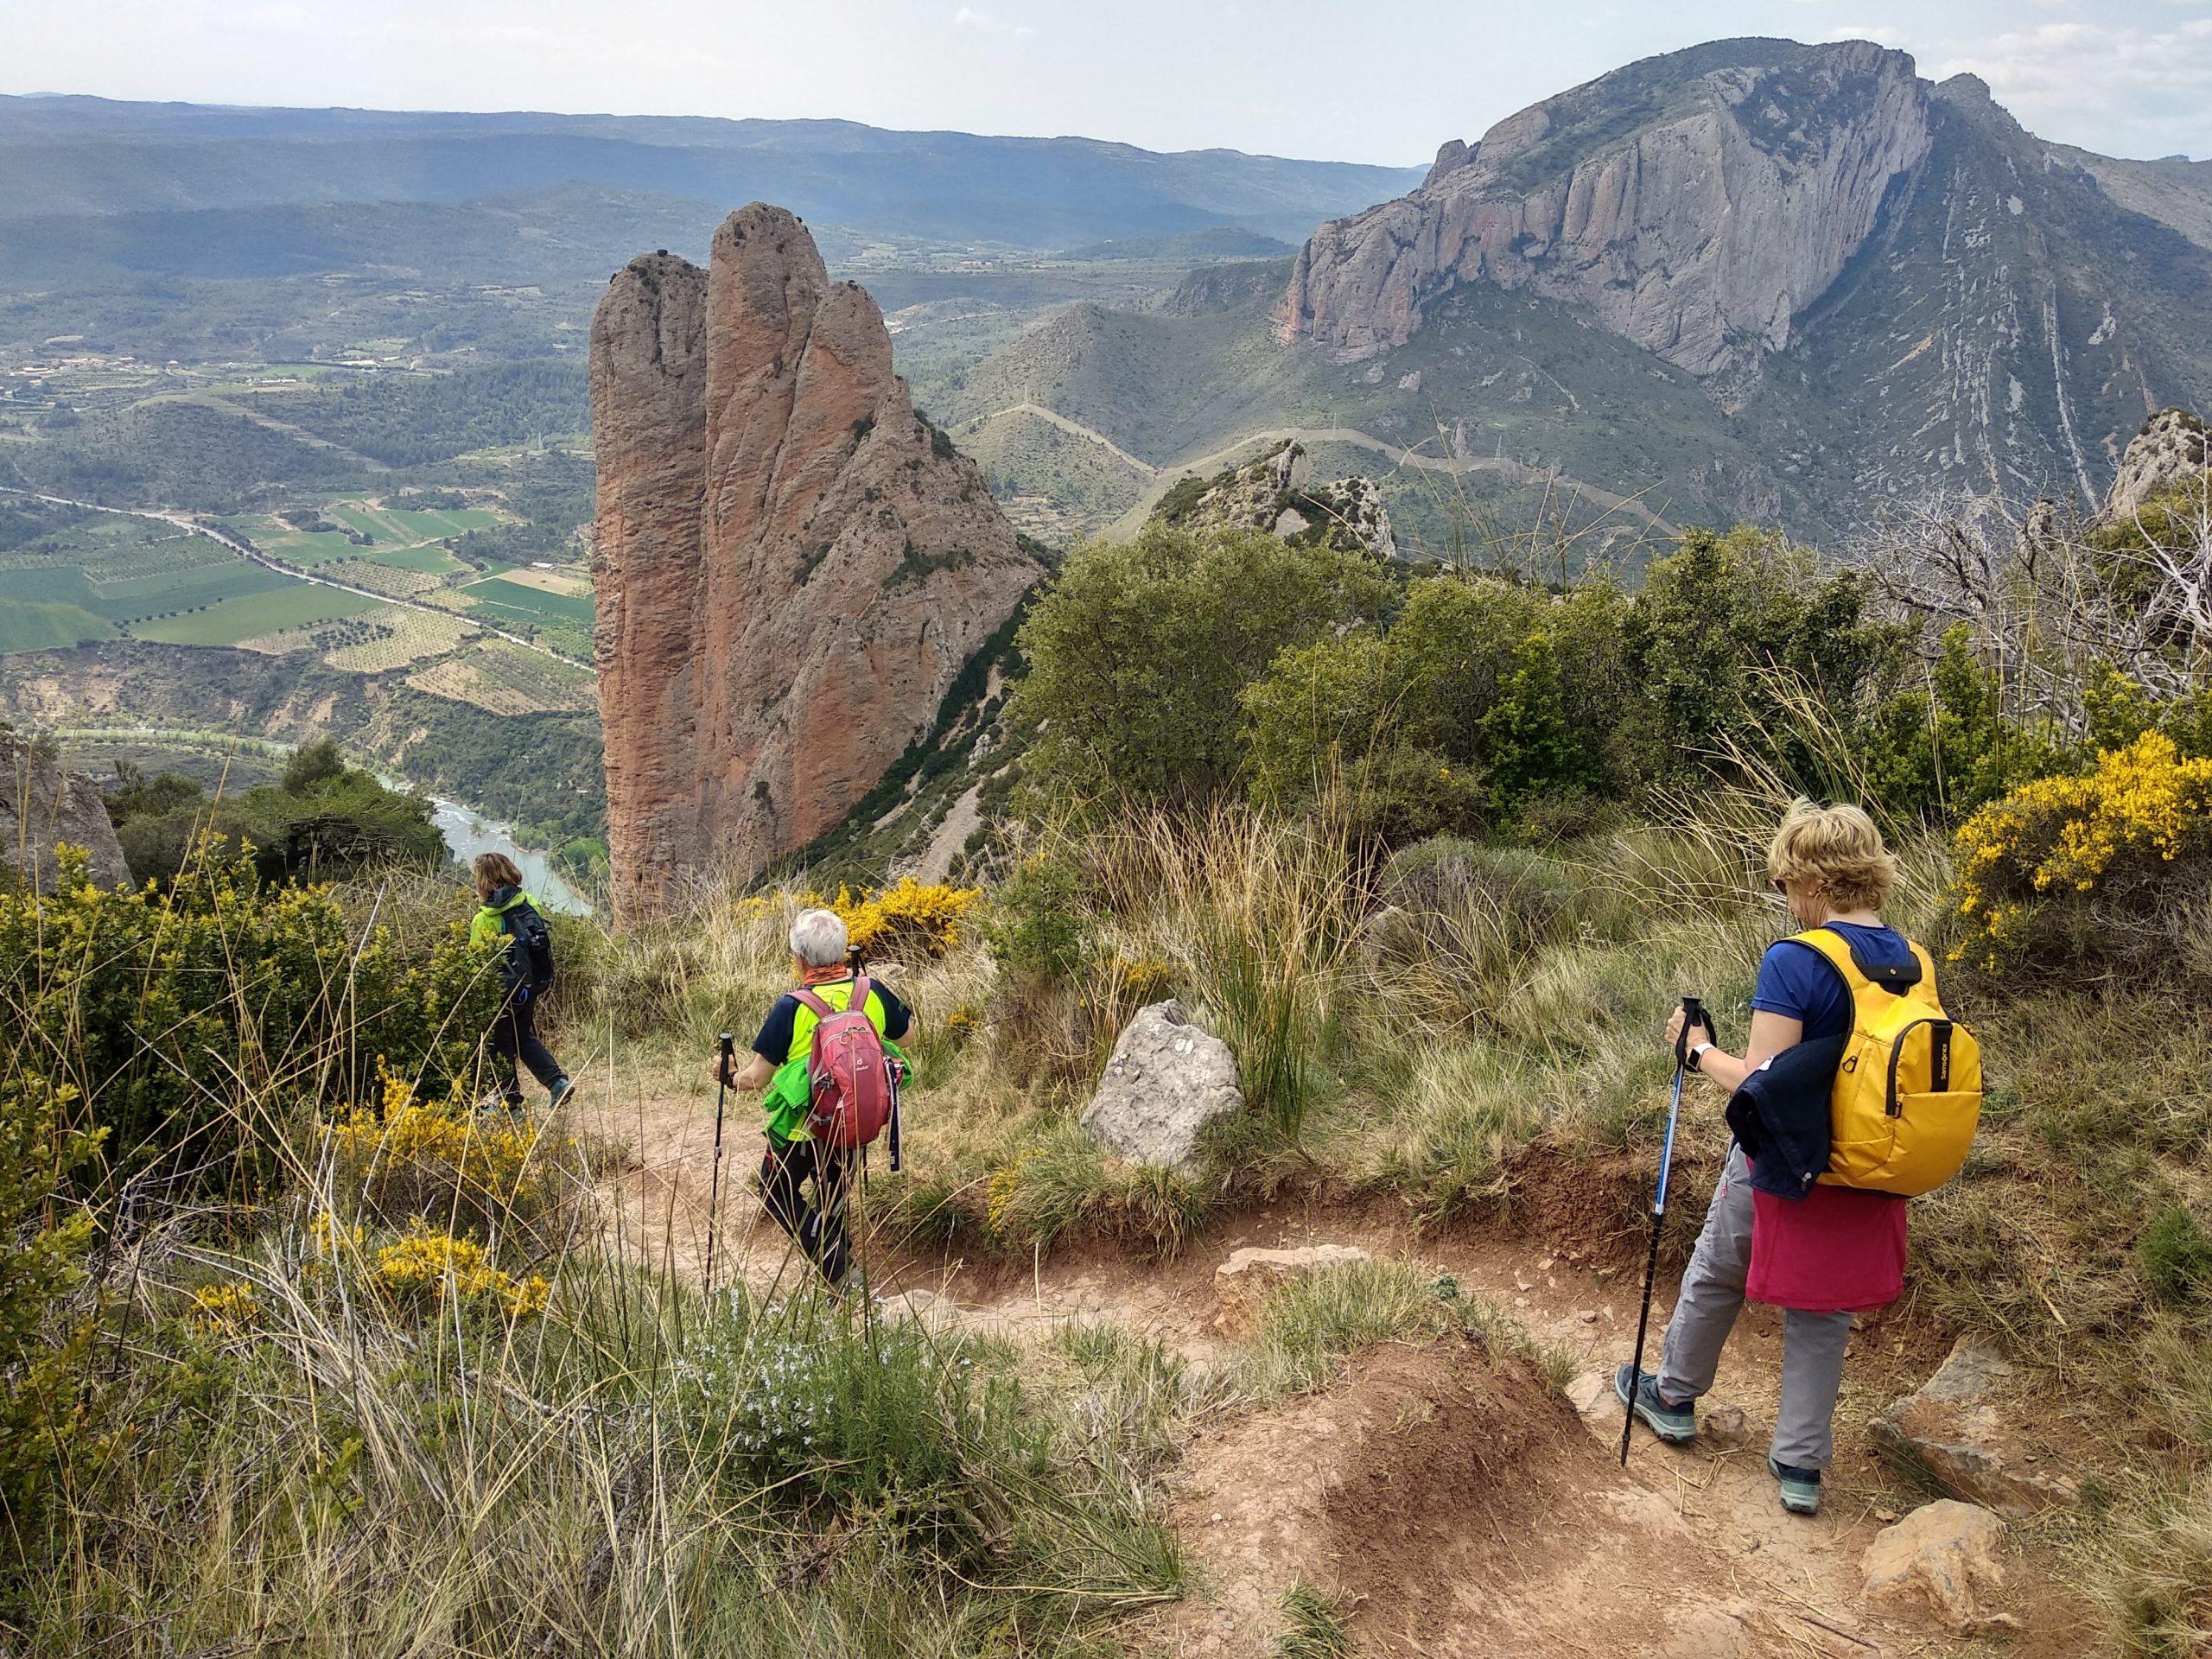 Senderismo en el Parque Natural de la Sierra de Guara y Prepirineo de Huesca. Pequeñas joyas del Prepirineo.